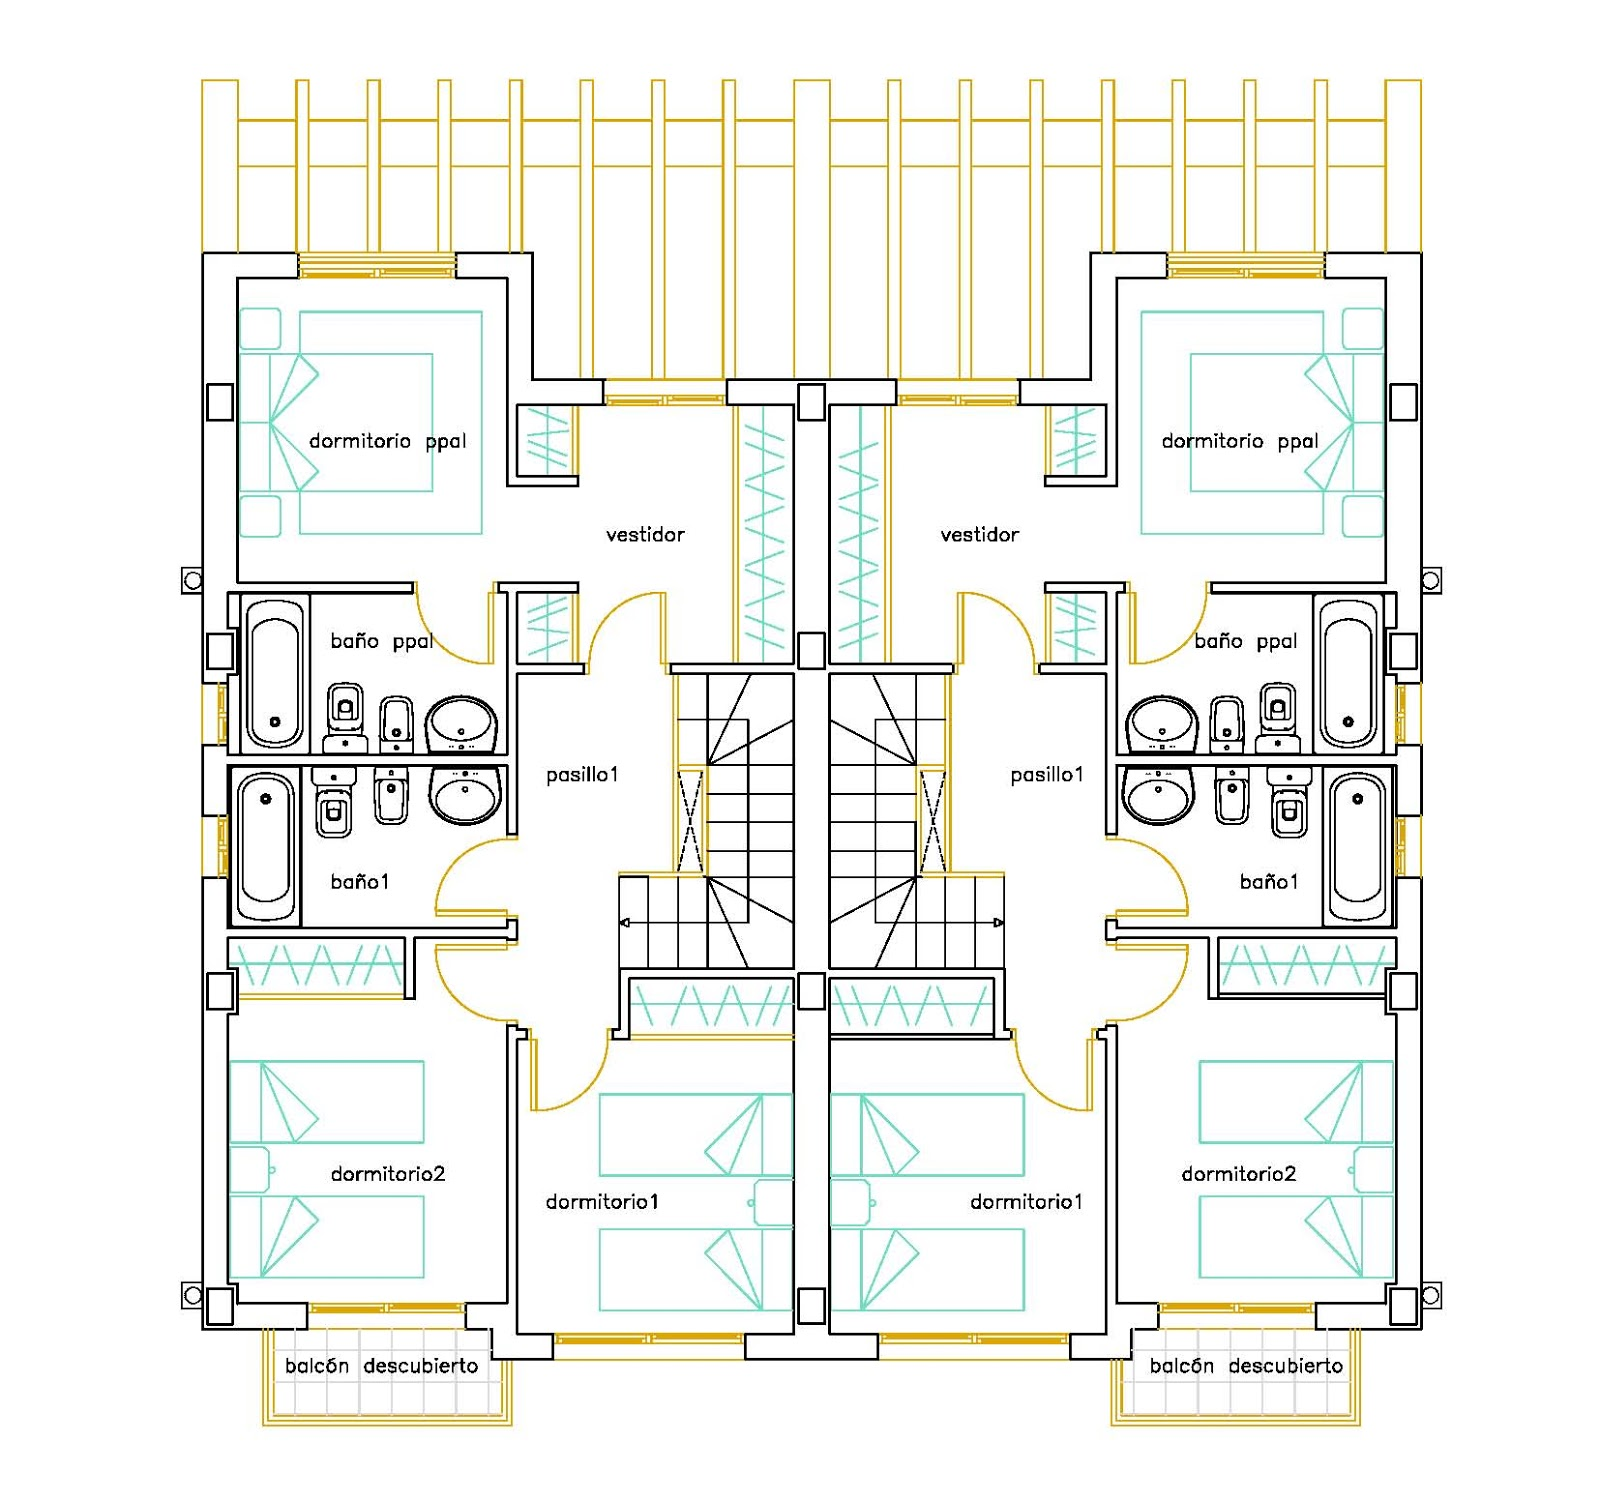 Planos low cost viviendas pareadas semi detached houses - Planos de casas pareadas ...